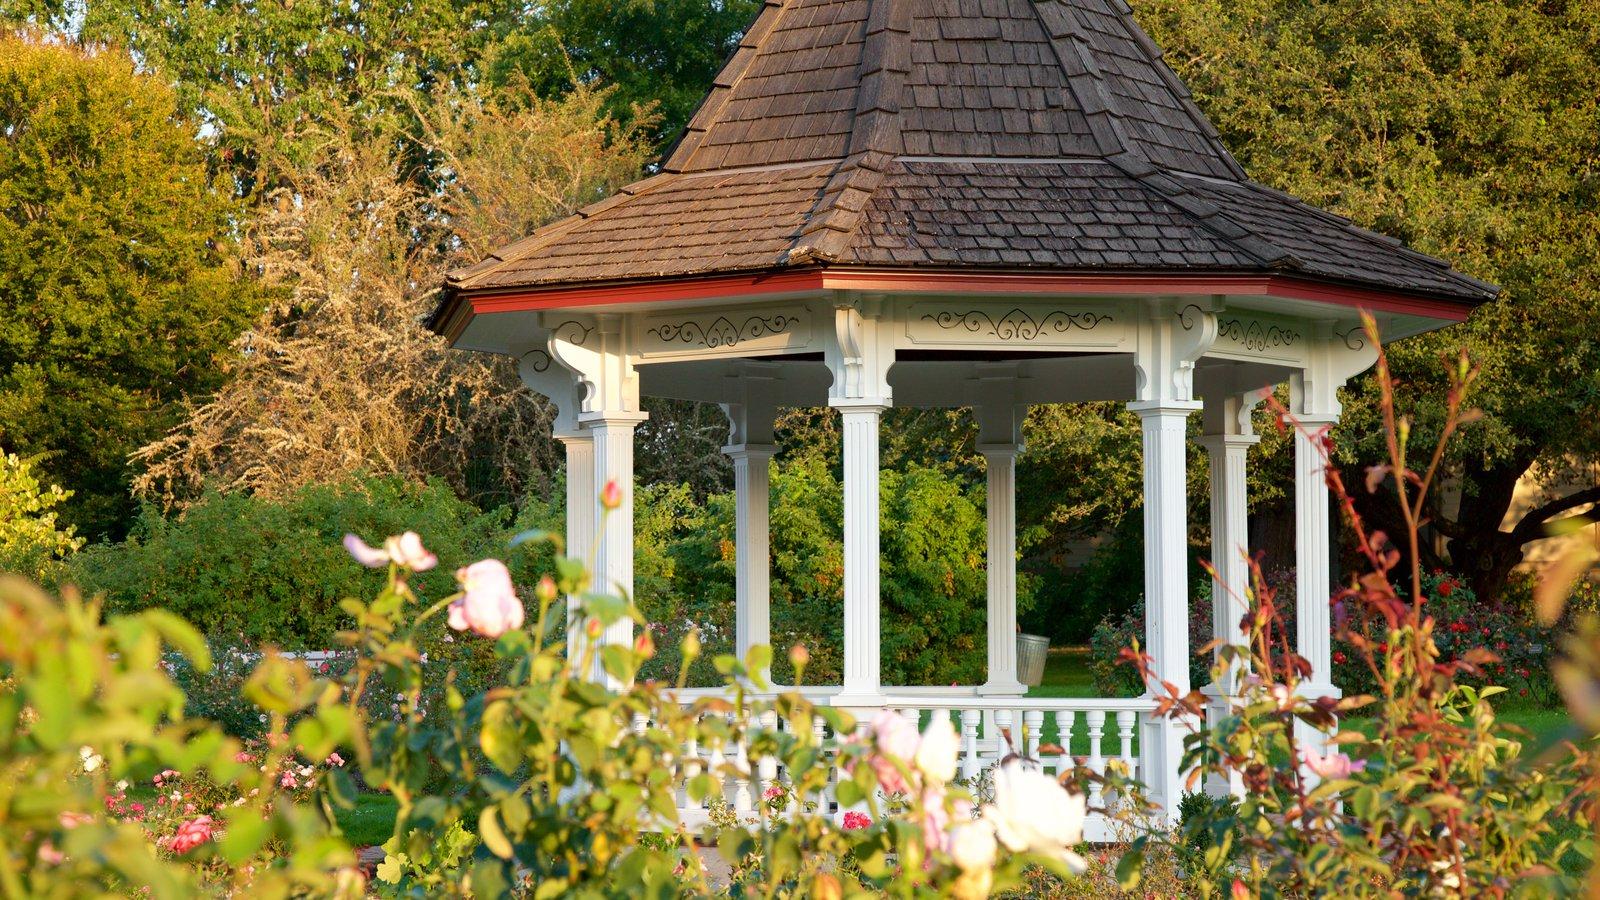 Bush House Museum mostrando un jardín